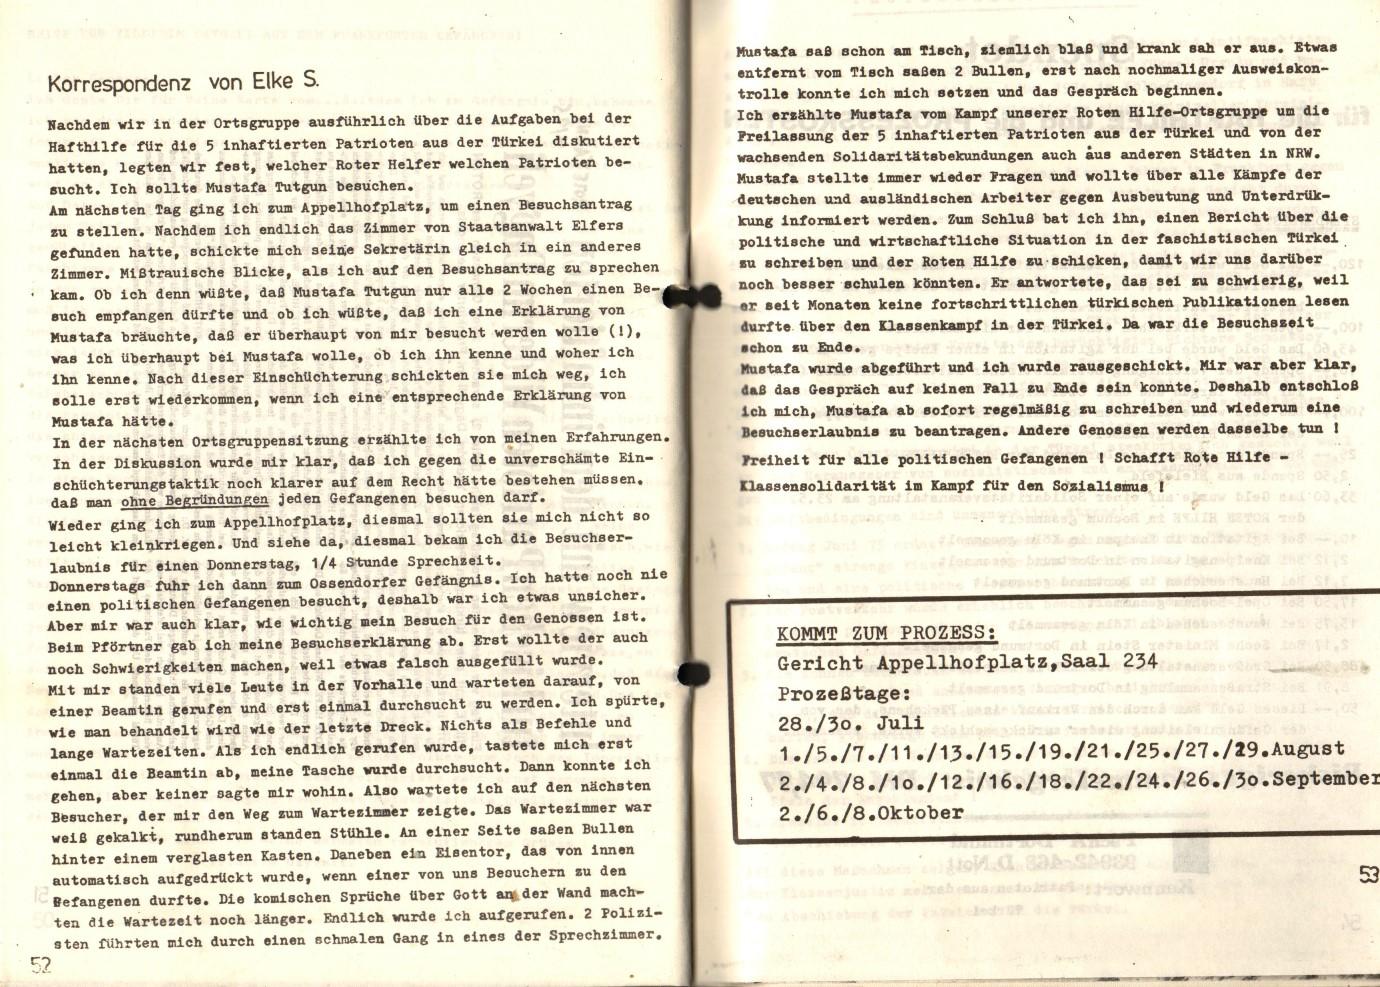 NRW_Rote_Hilfe_1975_Sofortige_Freilassung_der_tuerkischen_Patrioten_28